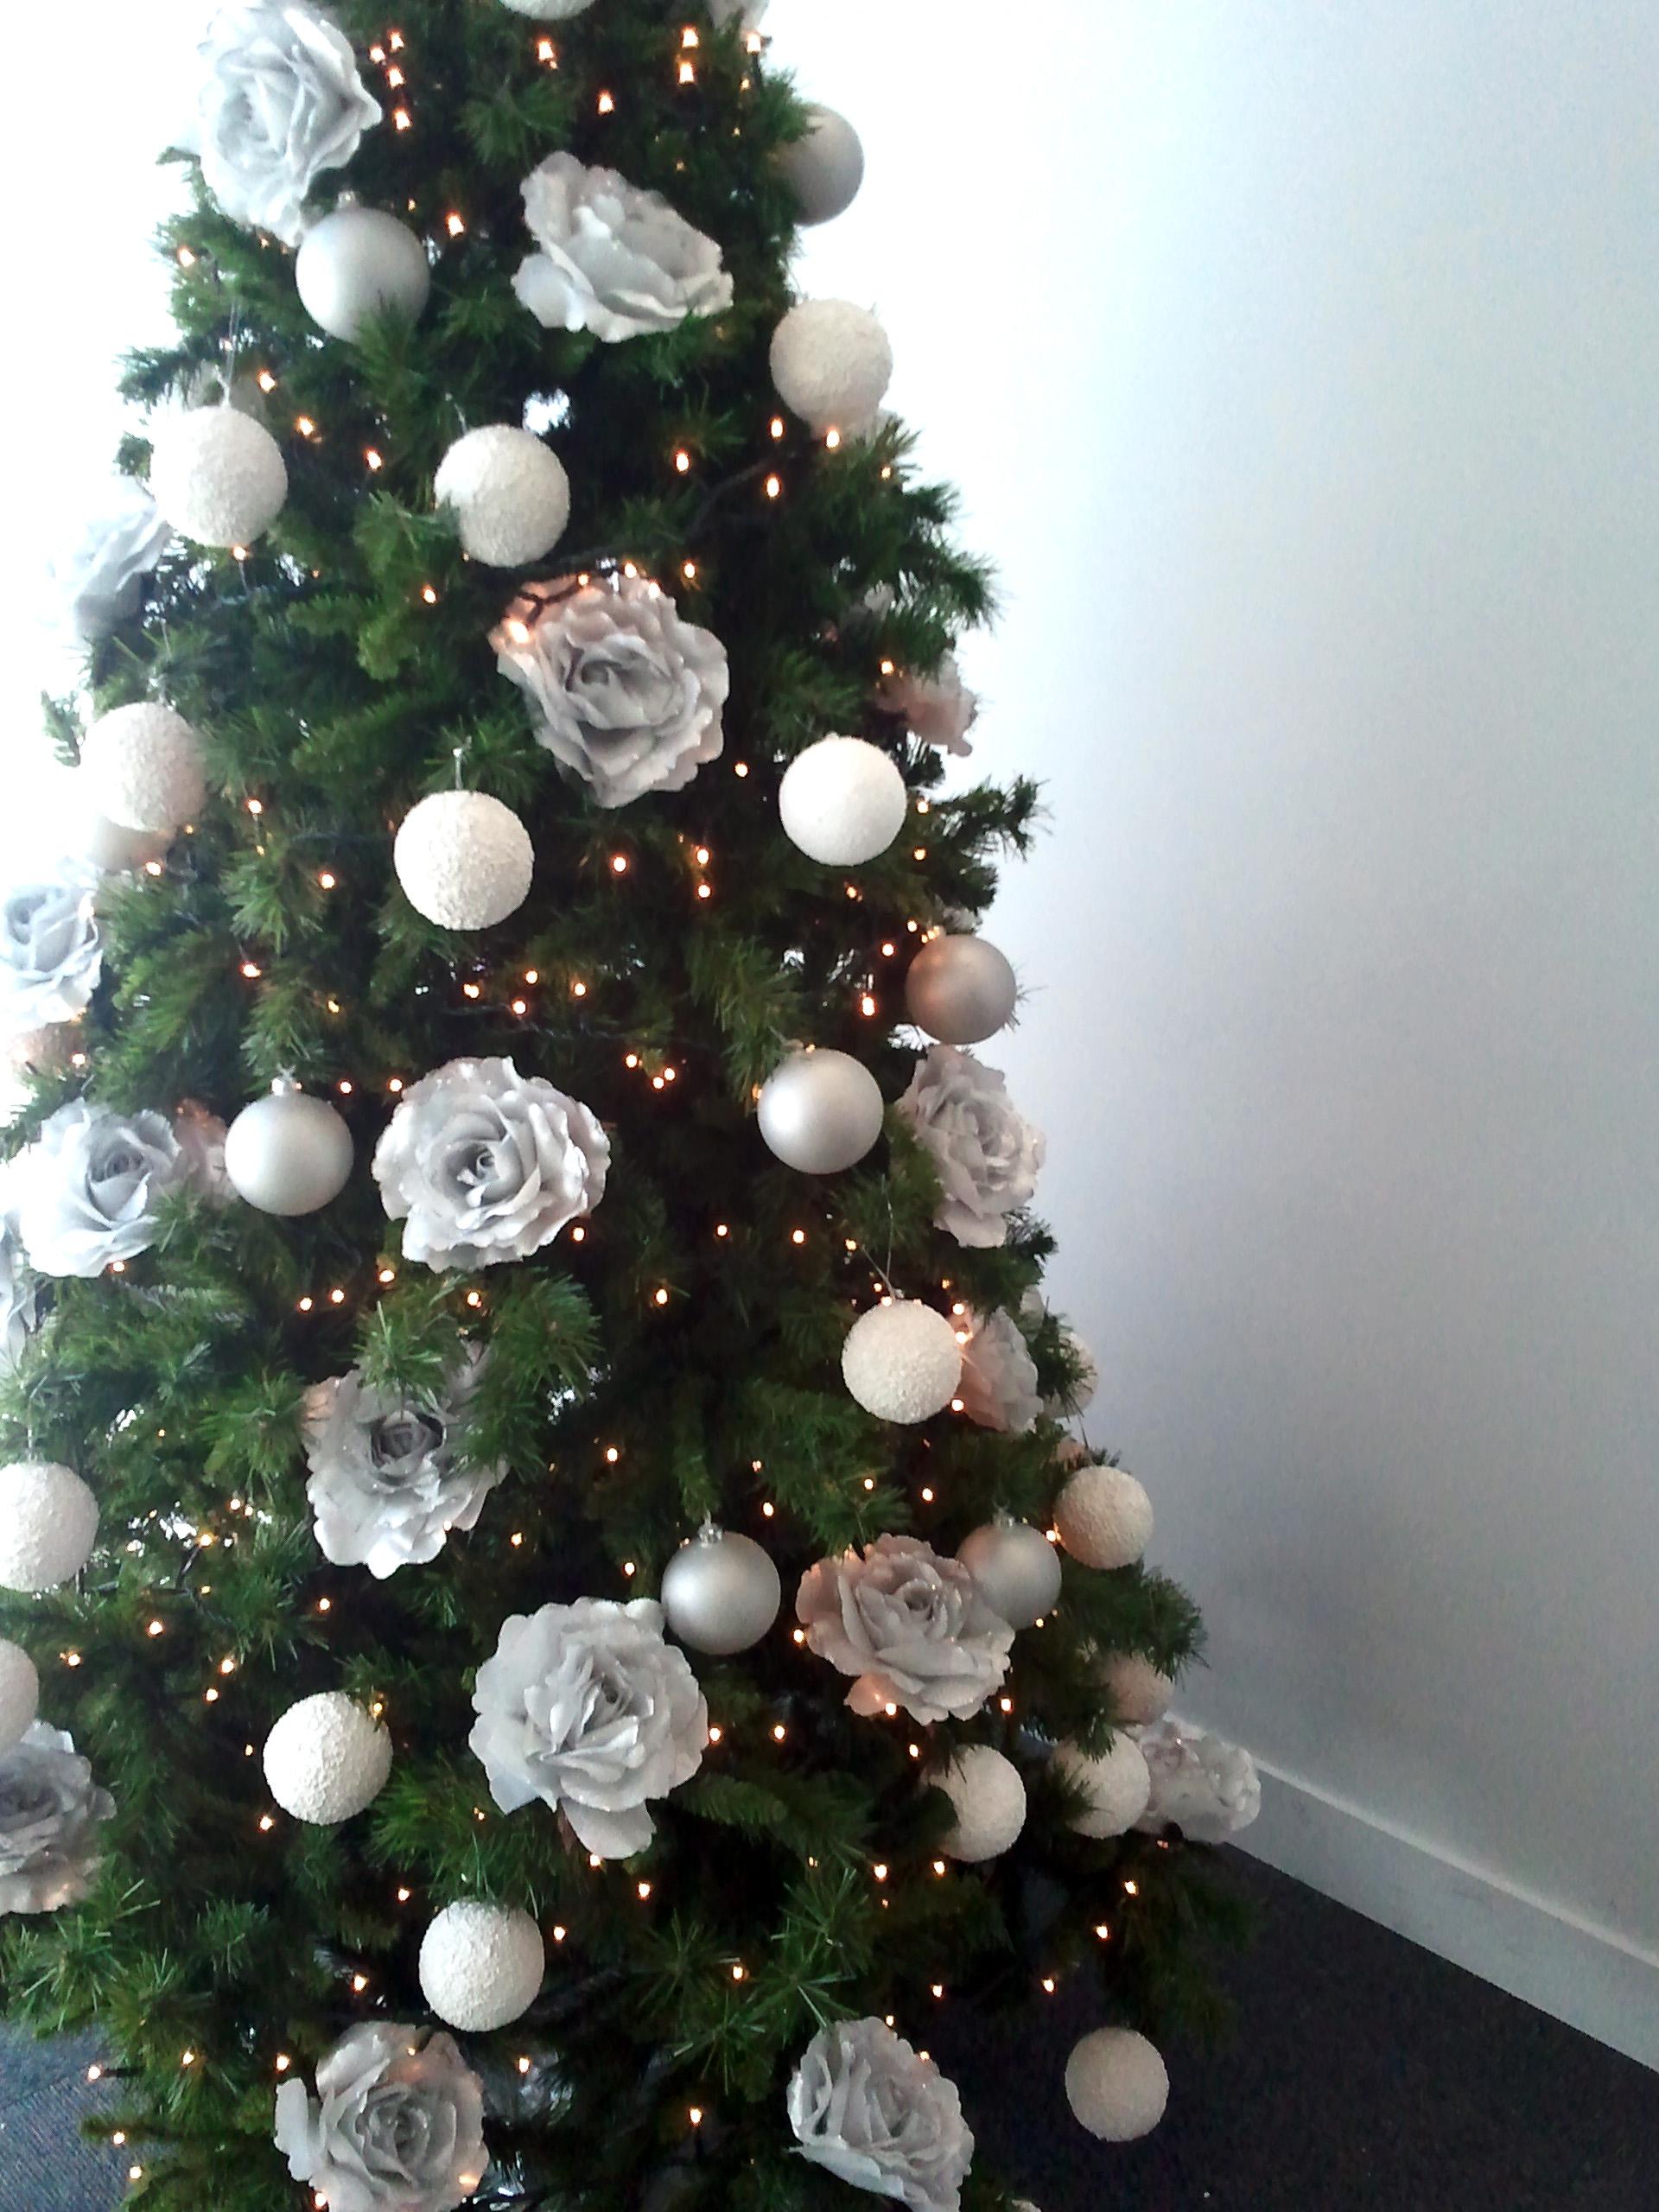 Rboles navidad color blanco b m rboles de navidad - Arbol de navidad blanco ...